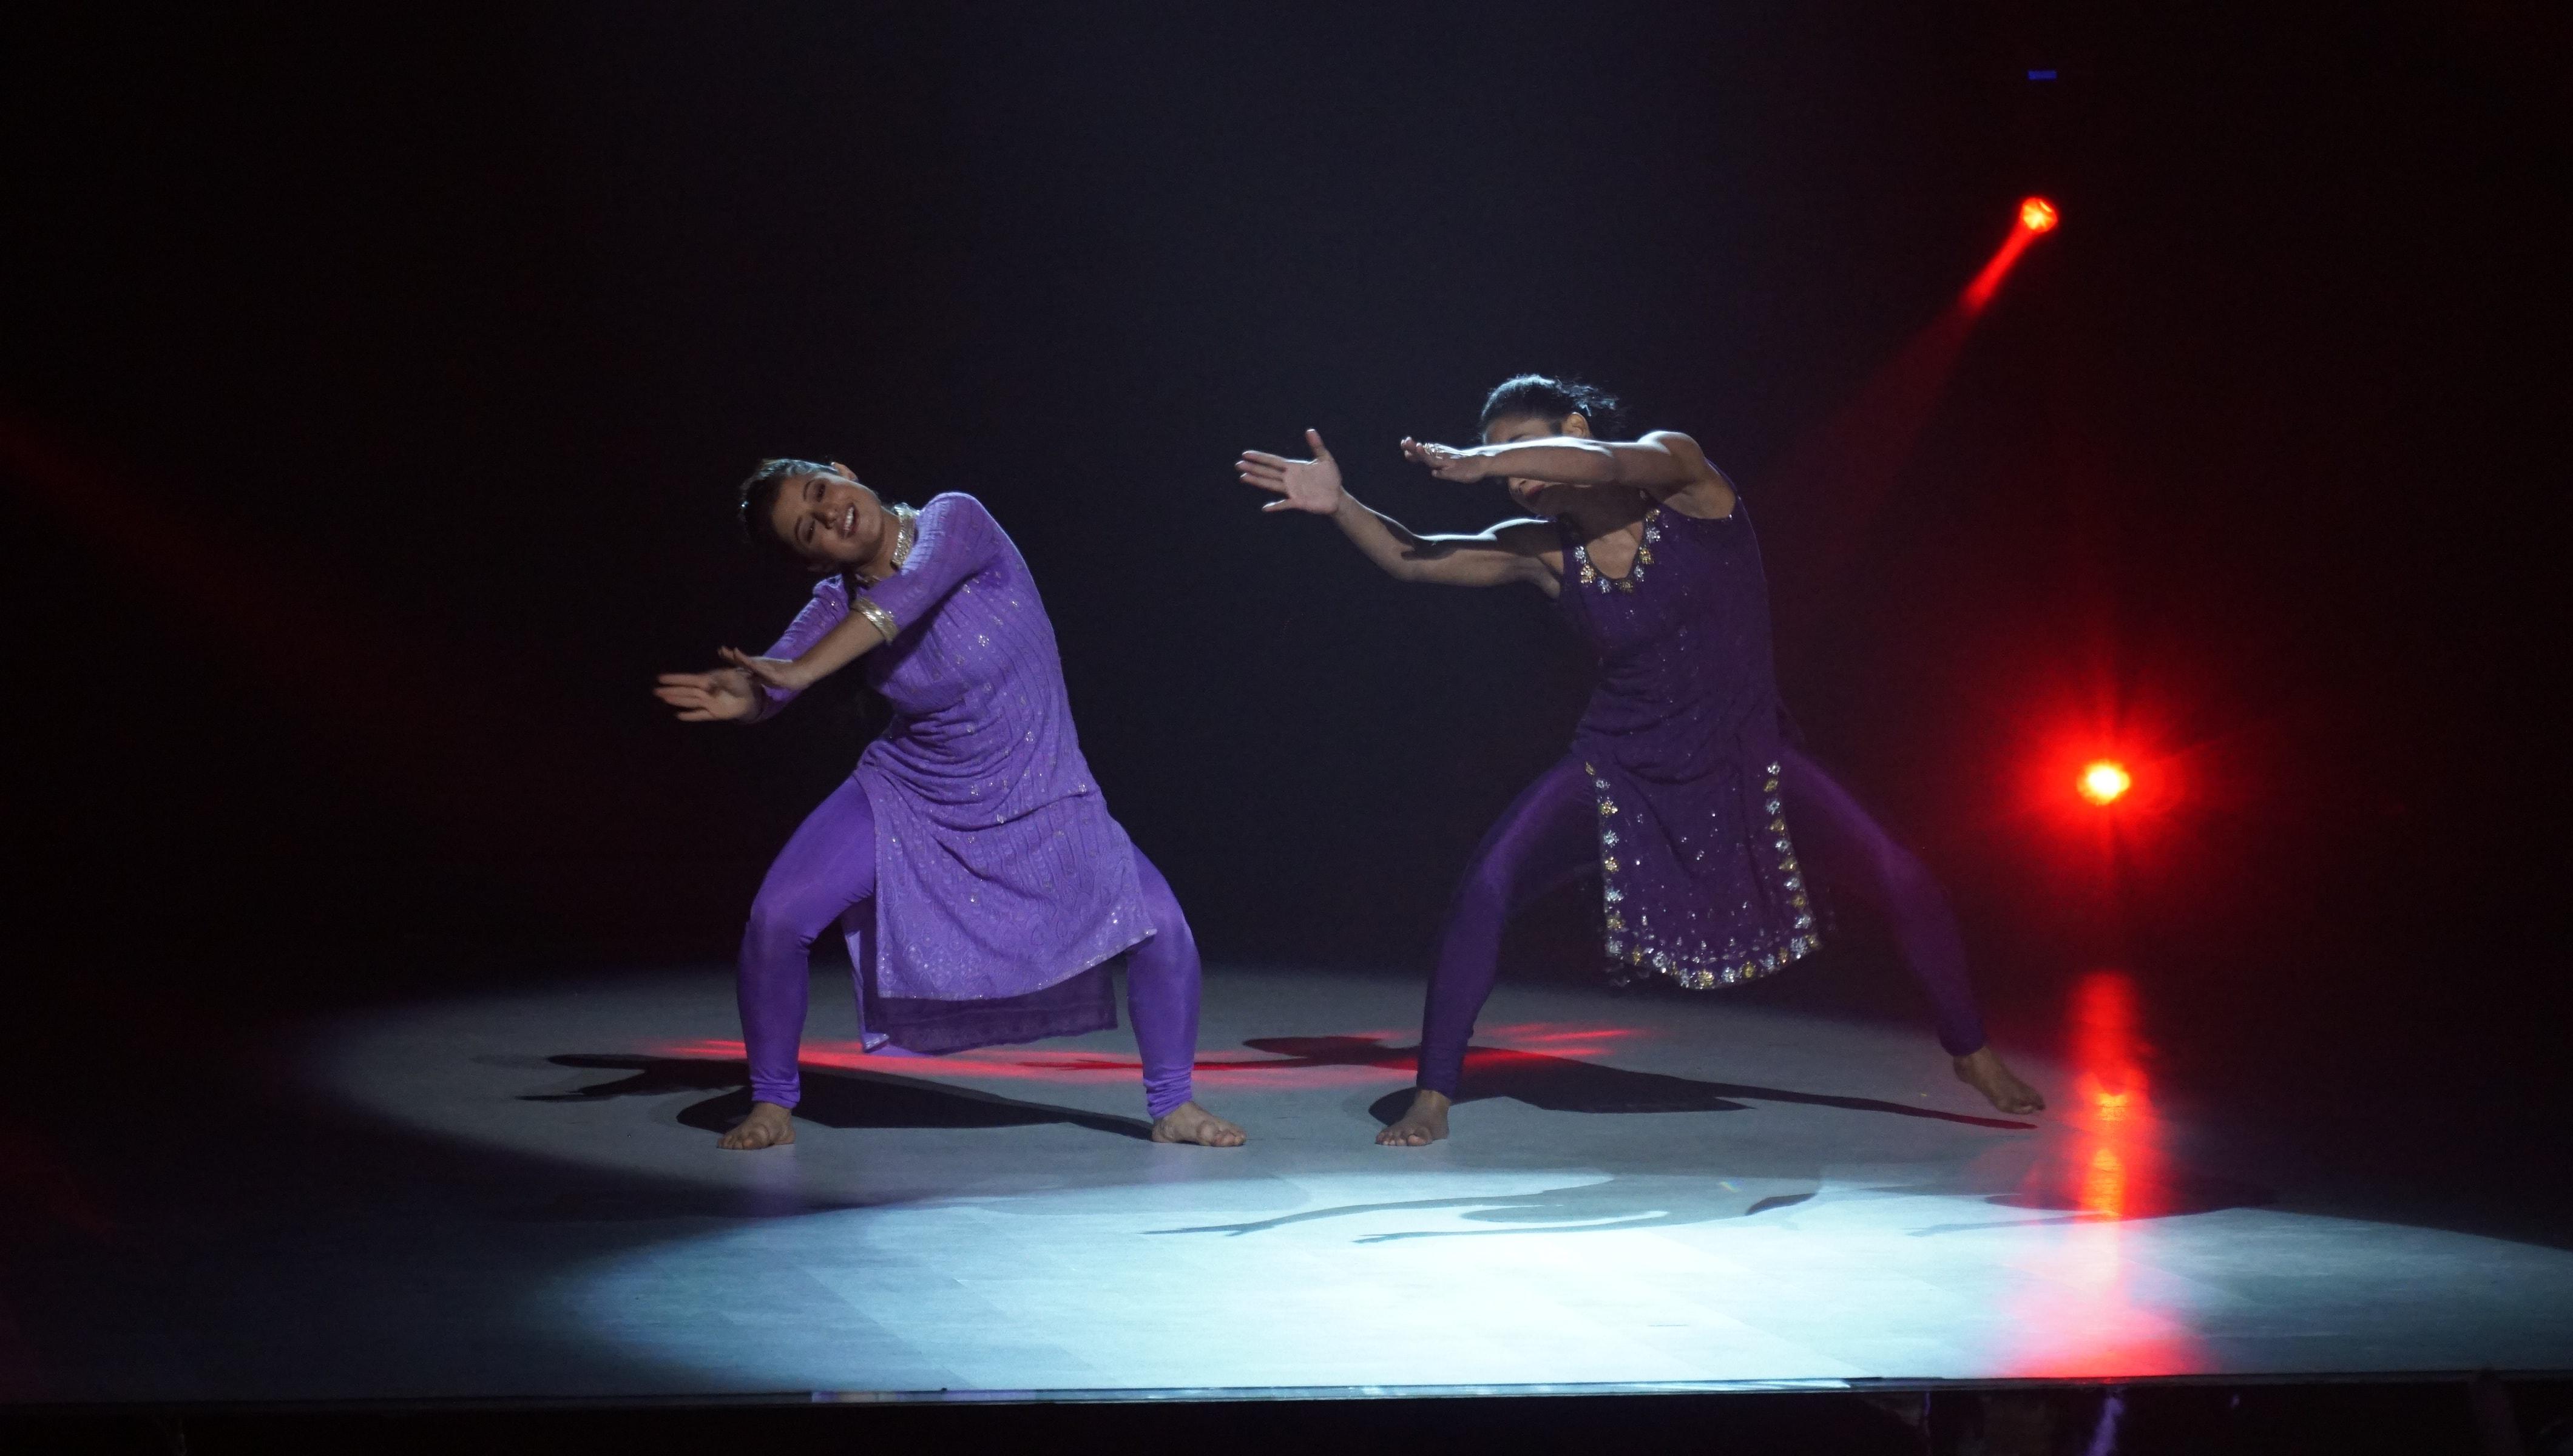 A Janmashtami to look forward to! #DanceDeewane2